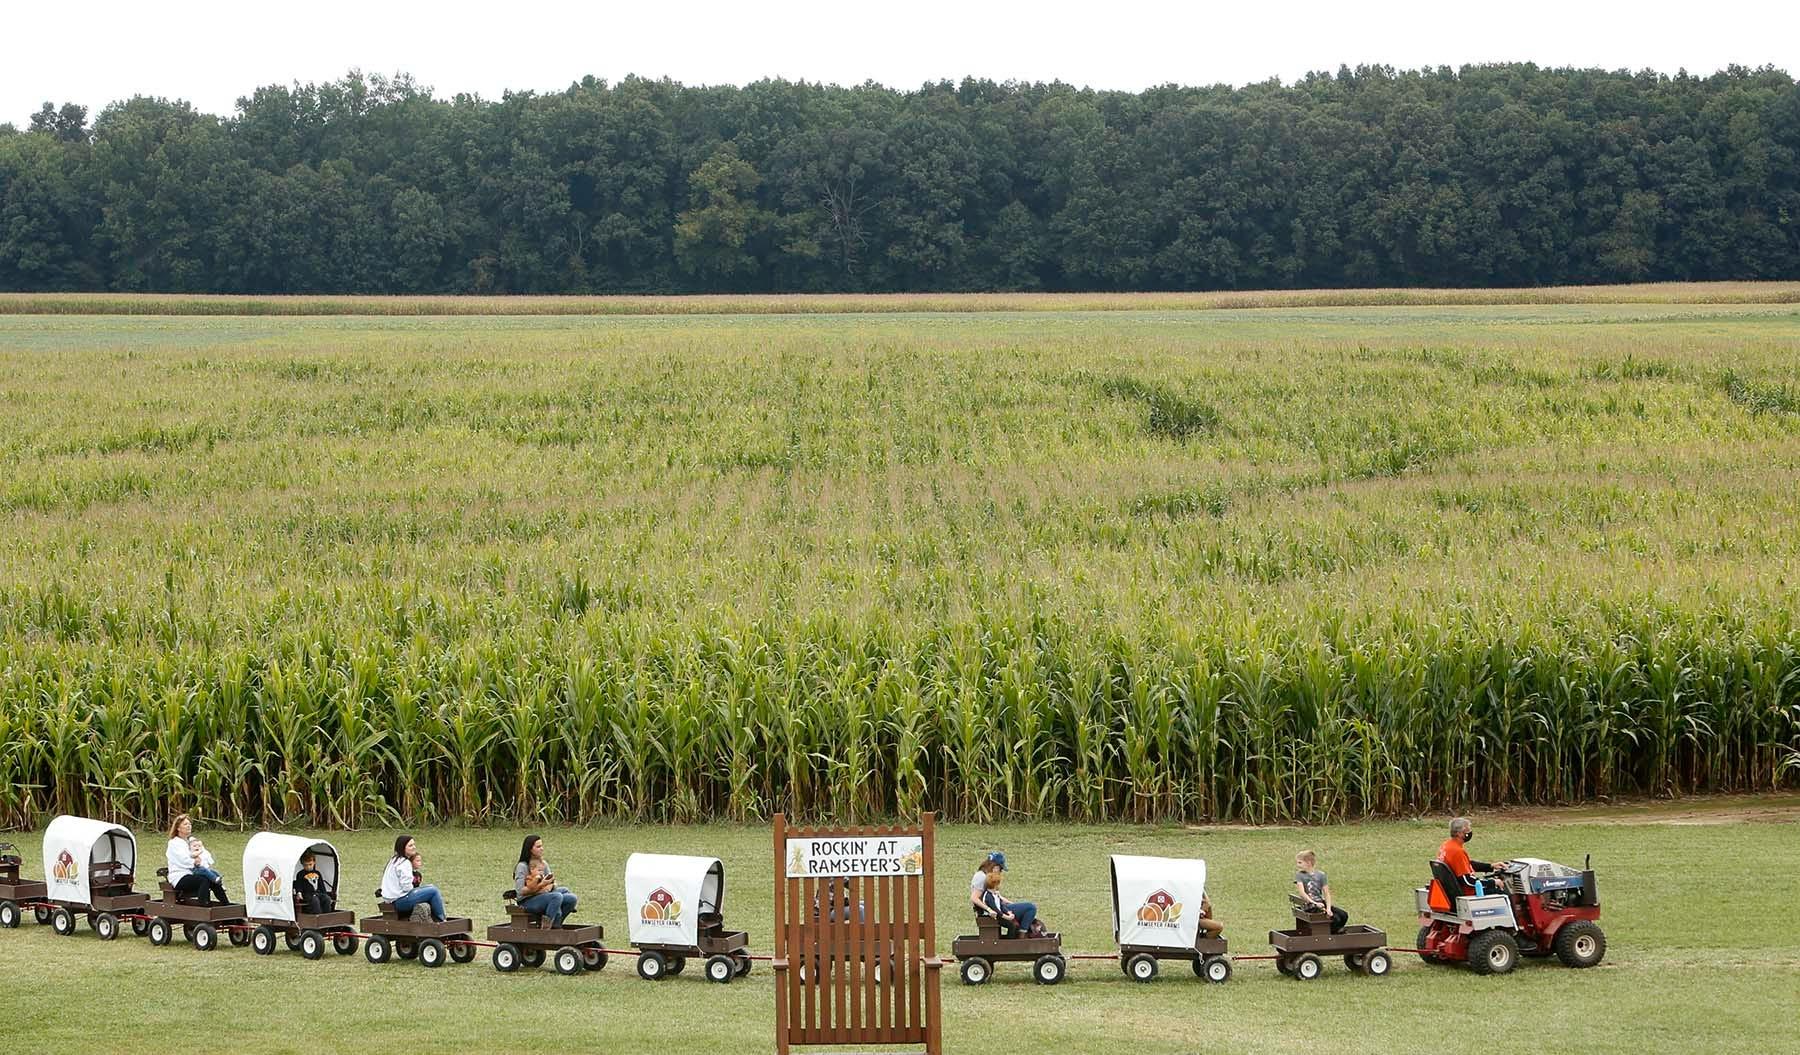 Northeast Ohio Corn Mazes Pumpkin Patches Outdoor Fall Activities